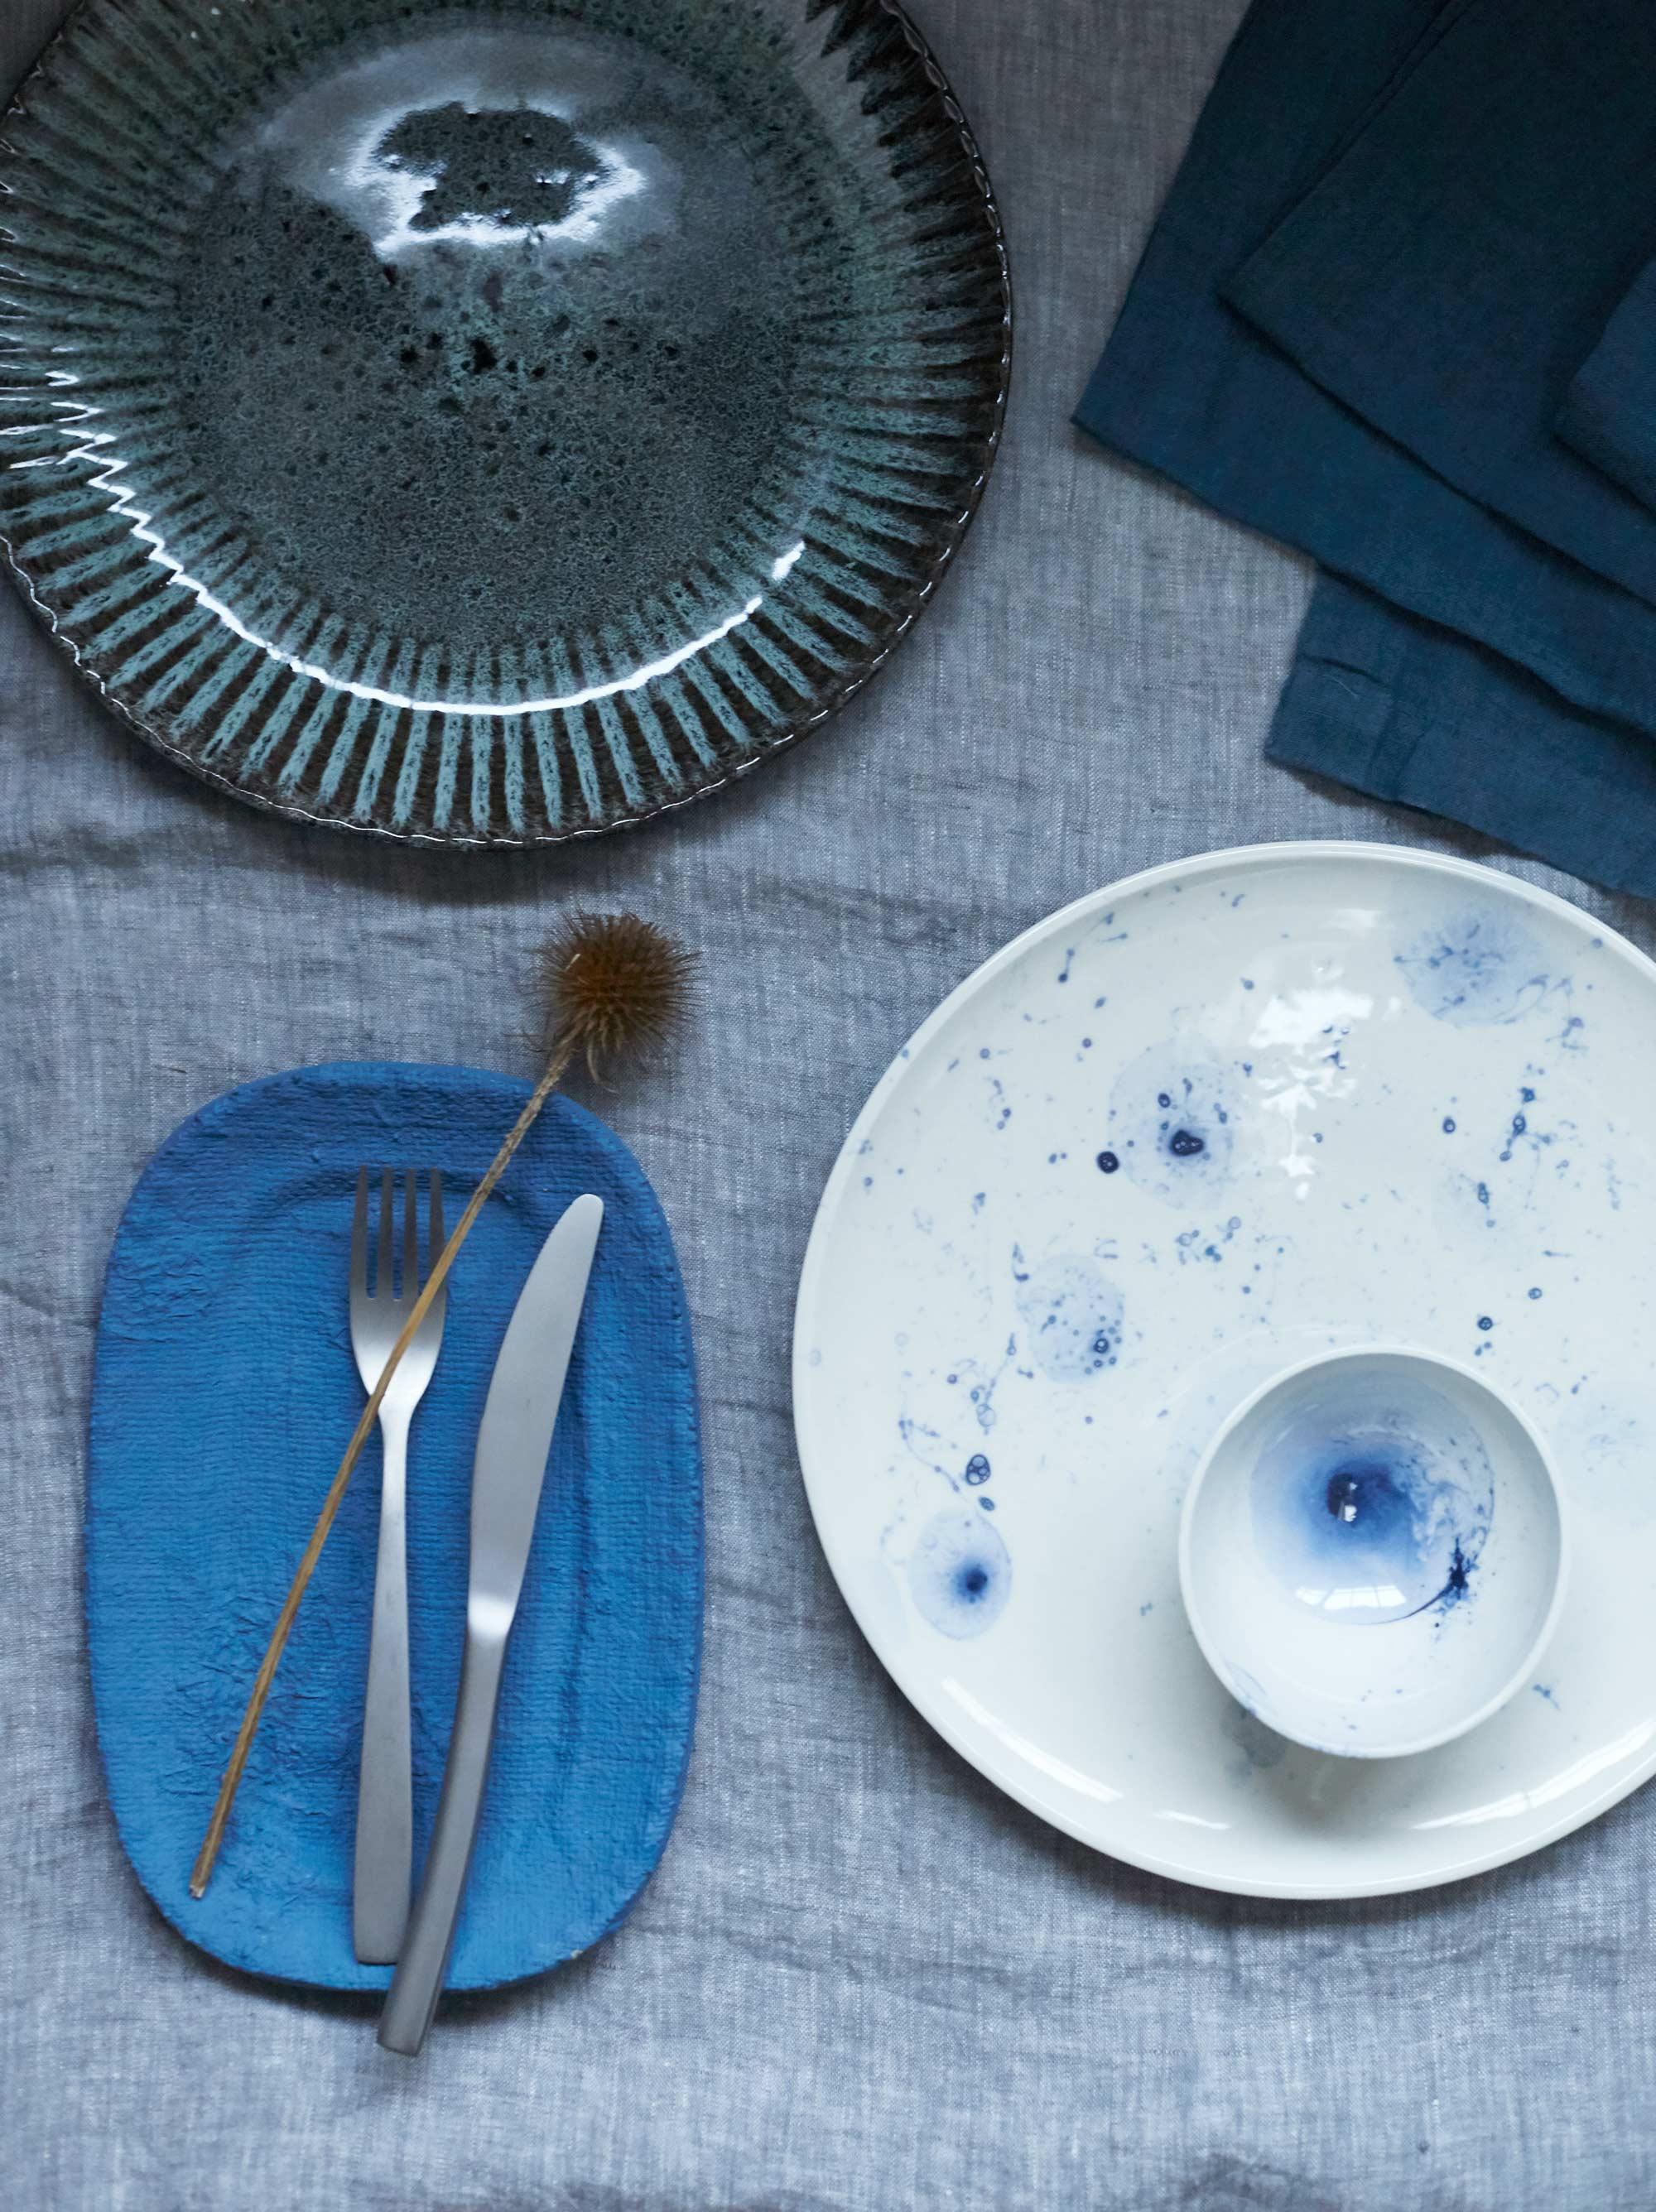 assiettes bleues